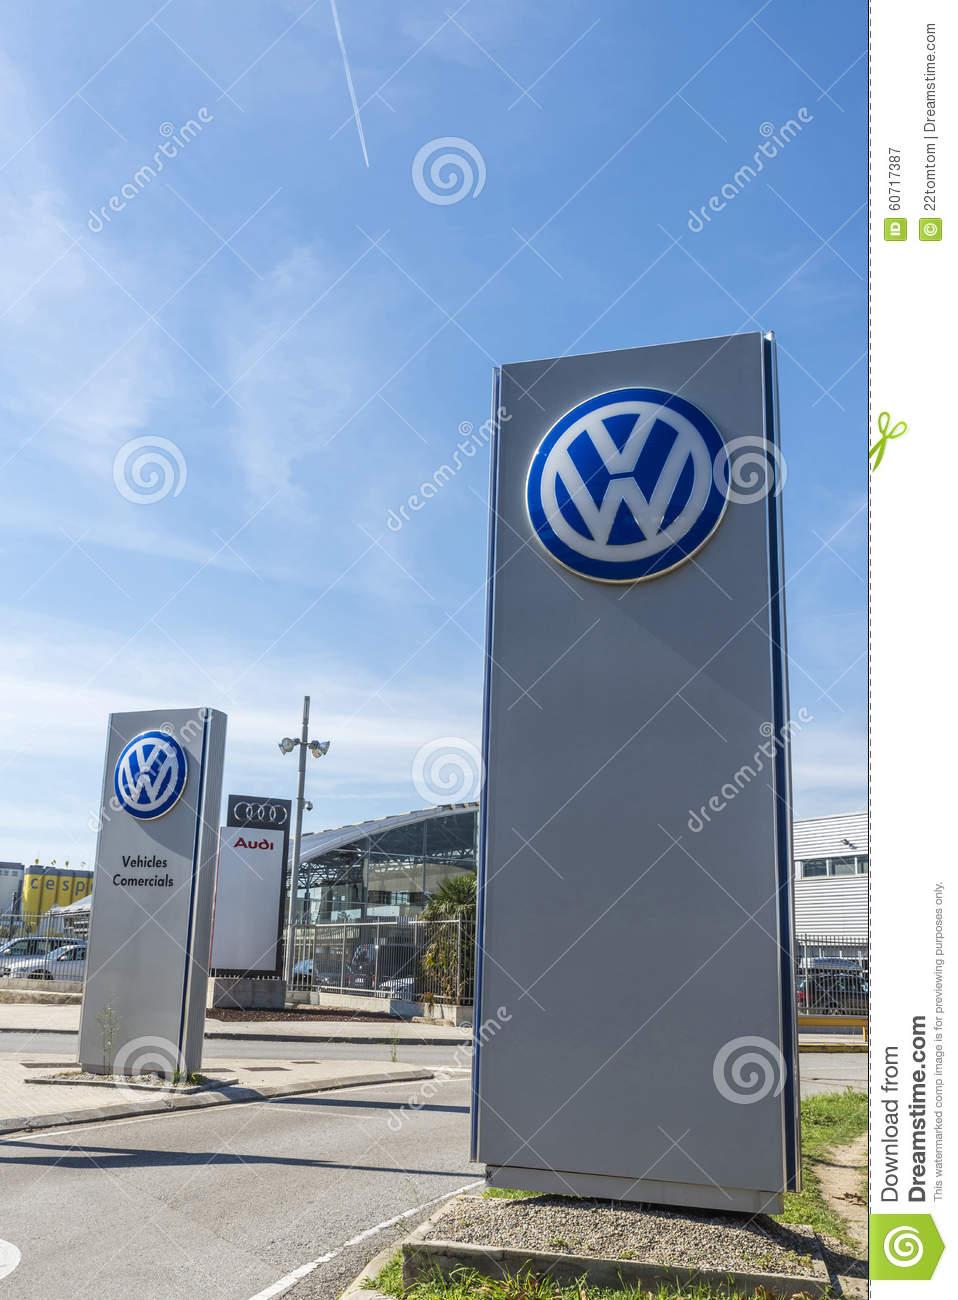 topo_volkswagen-headquarters-barcelona-spain-october-largest-german-automaker-spain-60717387